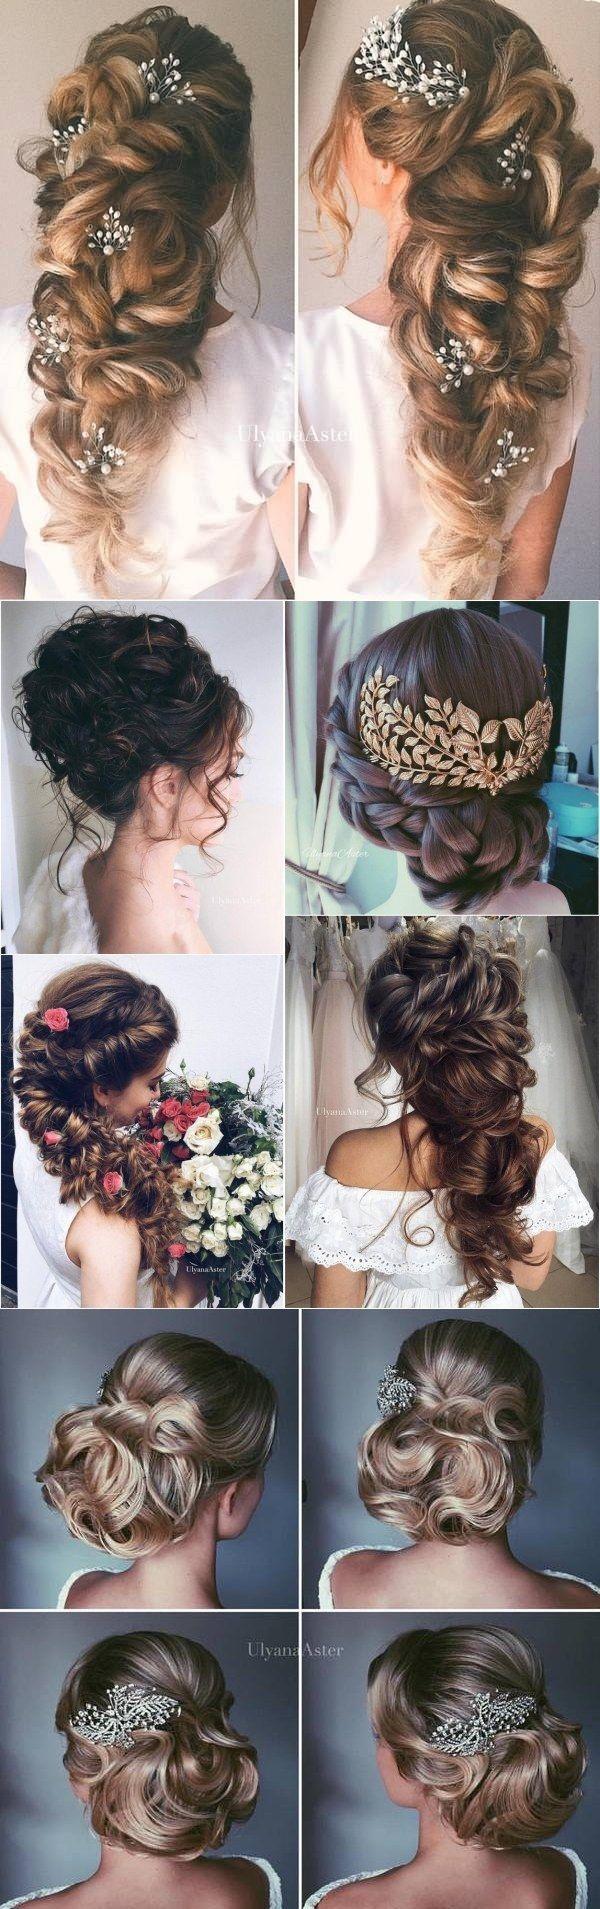 35 Hochsteckfrisuren für lange Haare von Ulyana Aster – Hair ideas